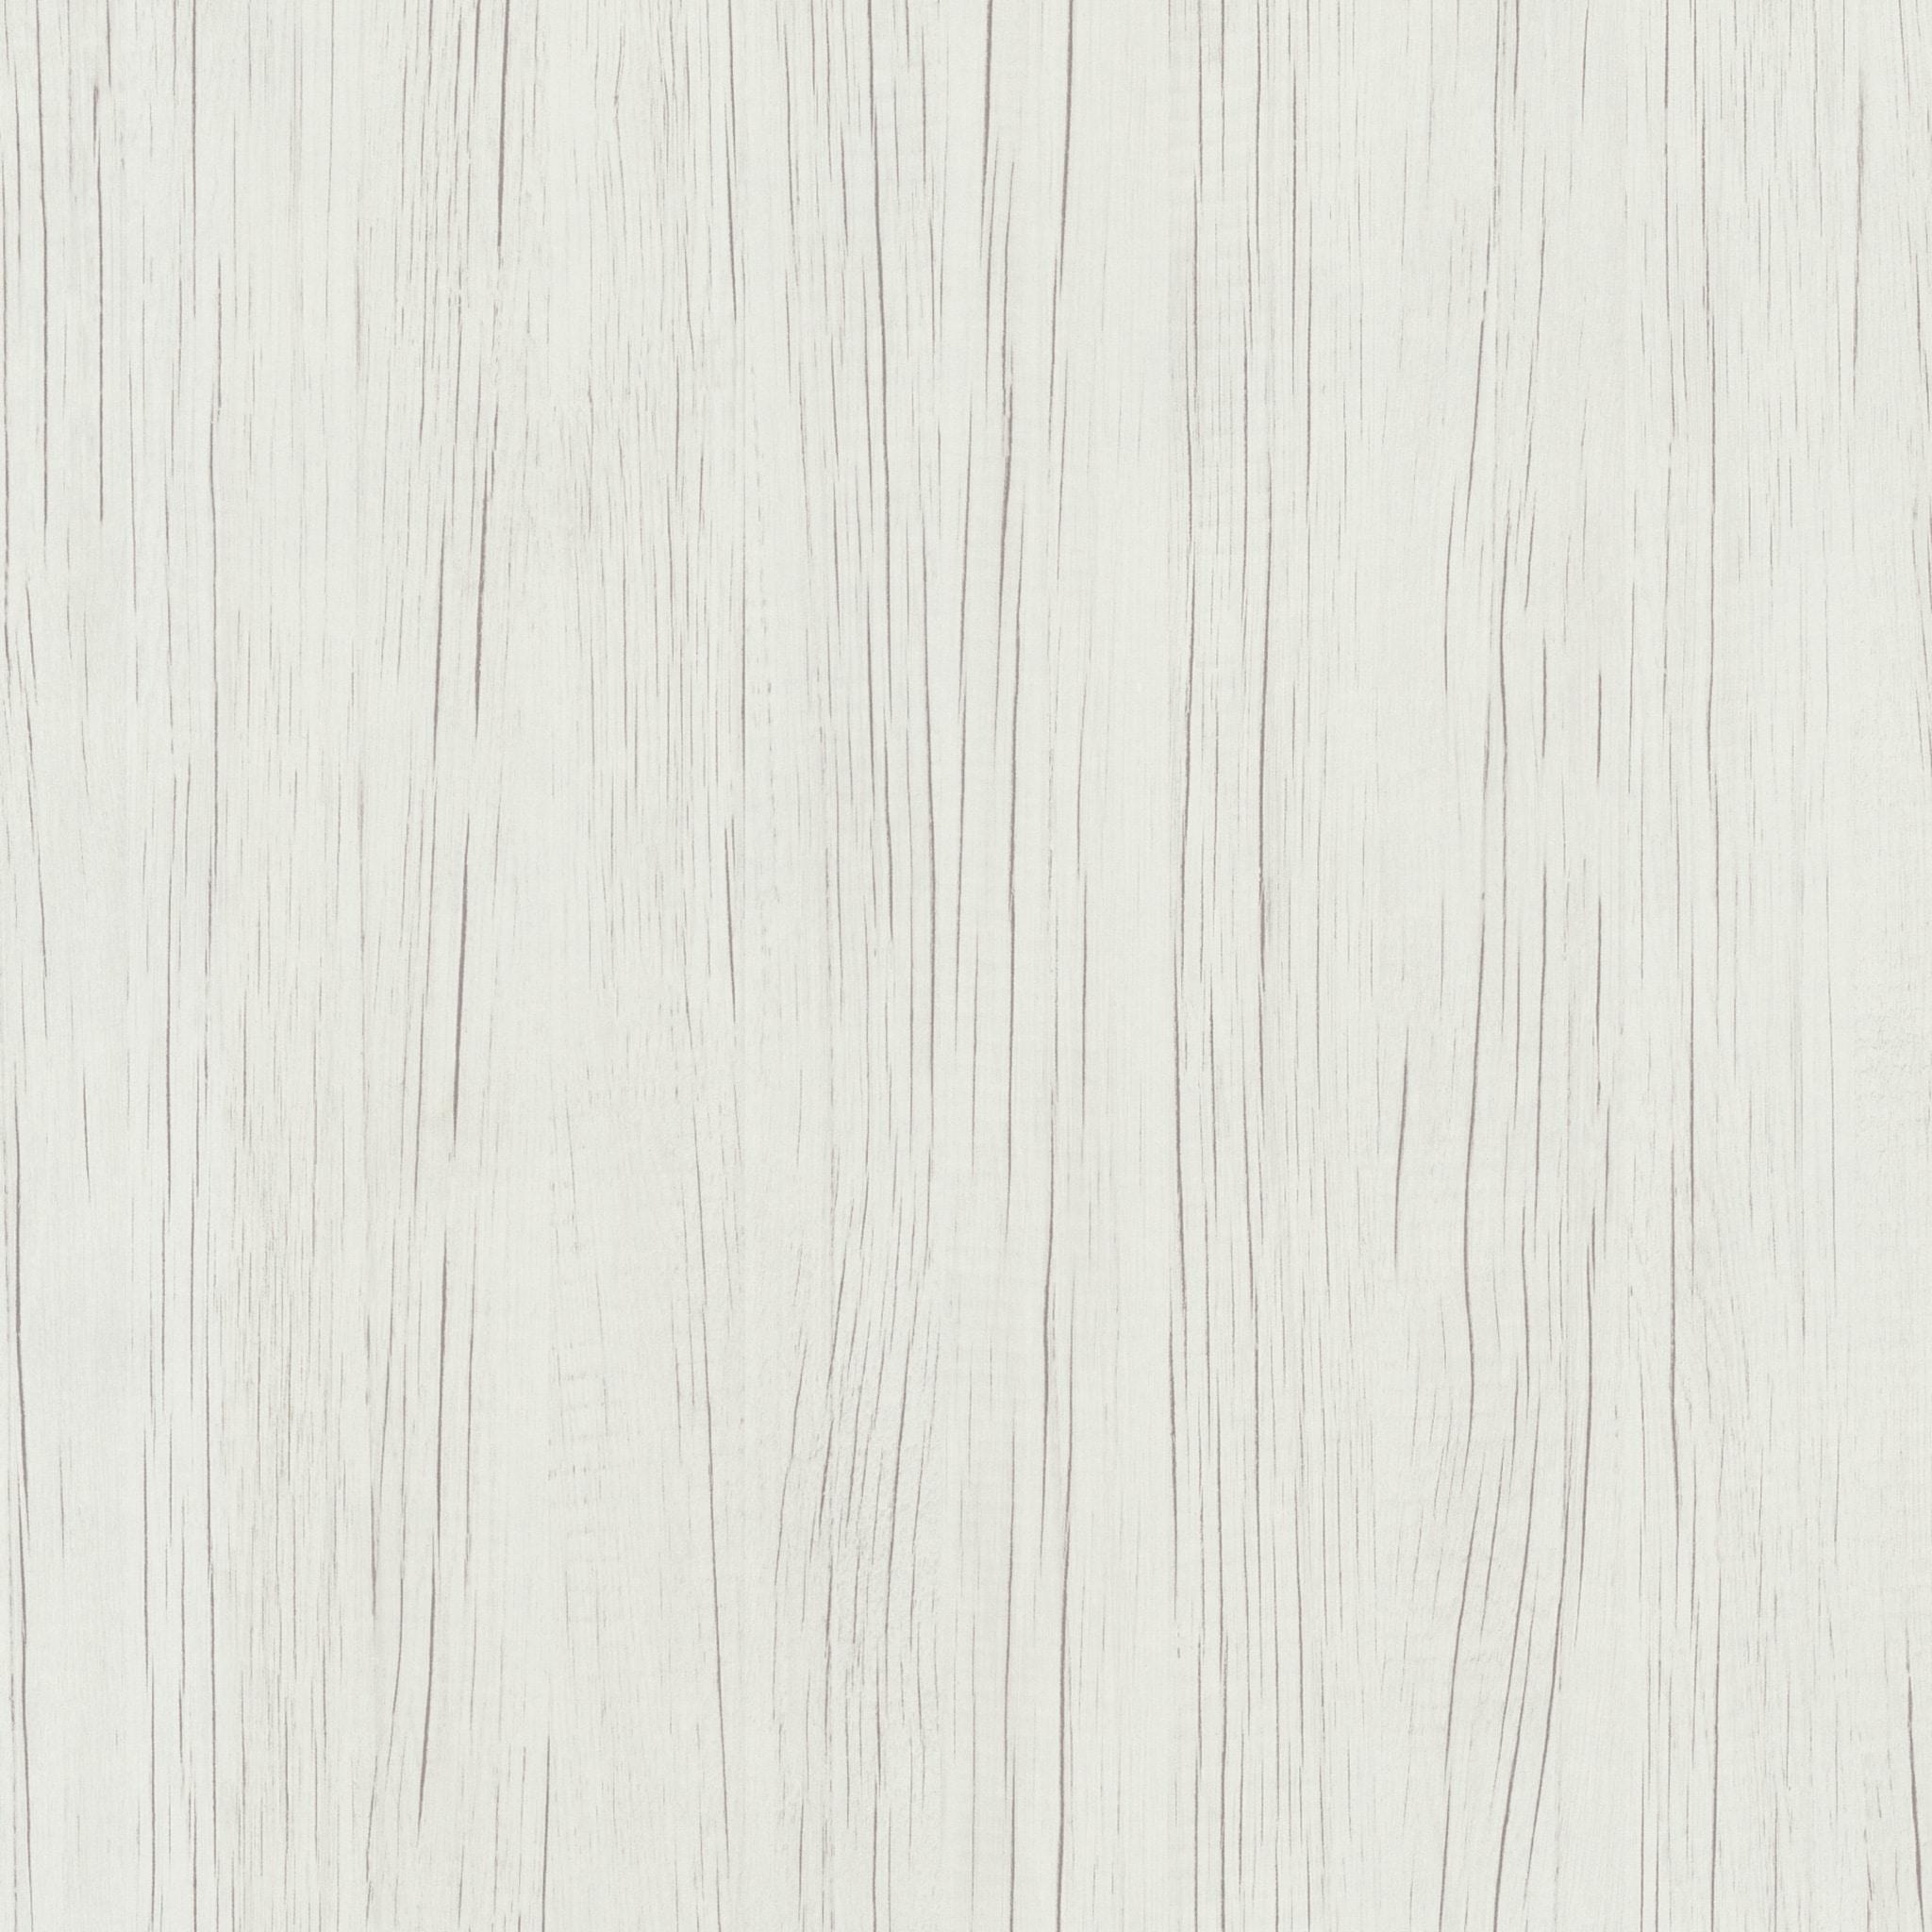 H1122 ST22 Whitewood  Image